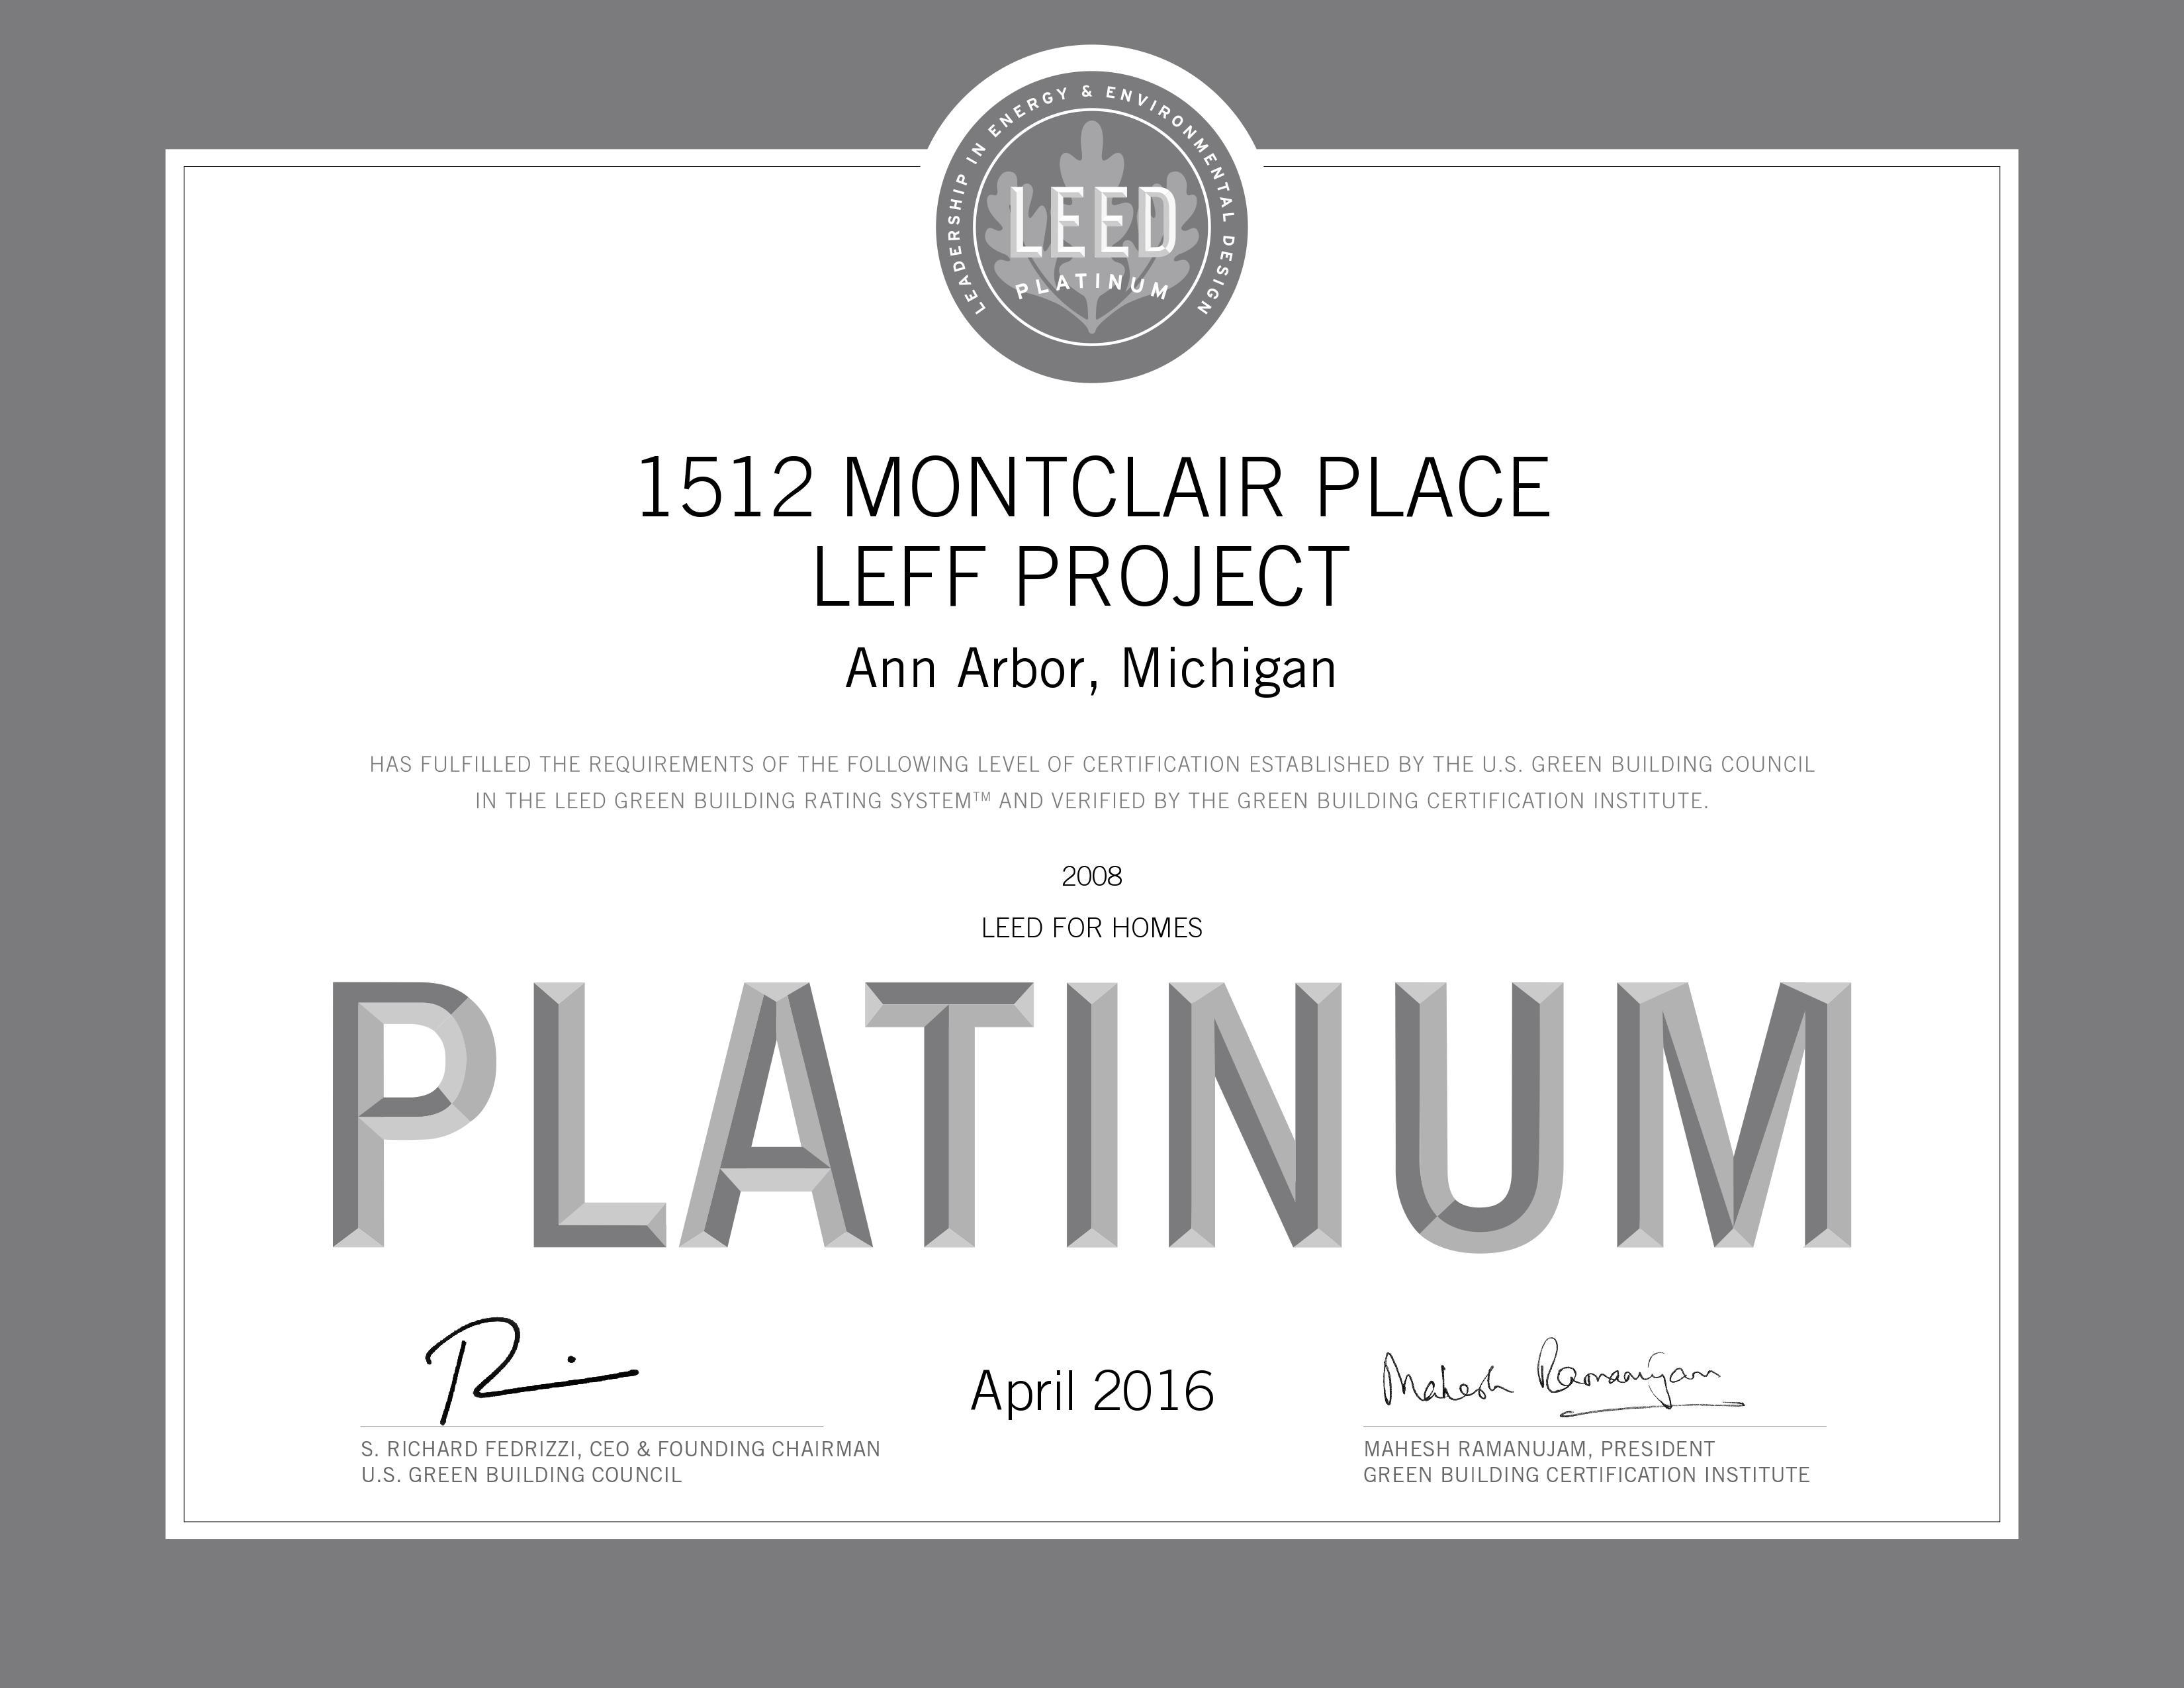 Saint-Gobain Goes LEED Platinum - YouTube